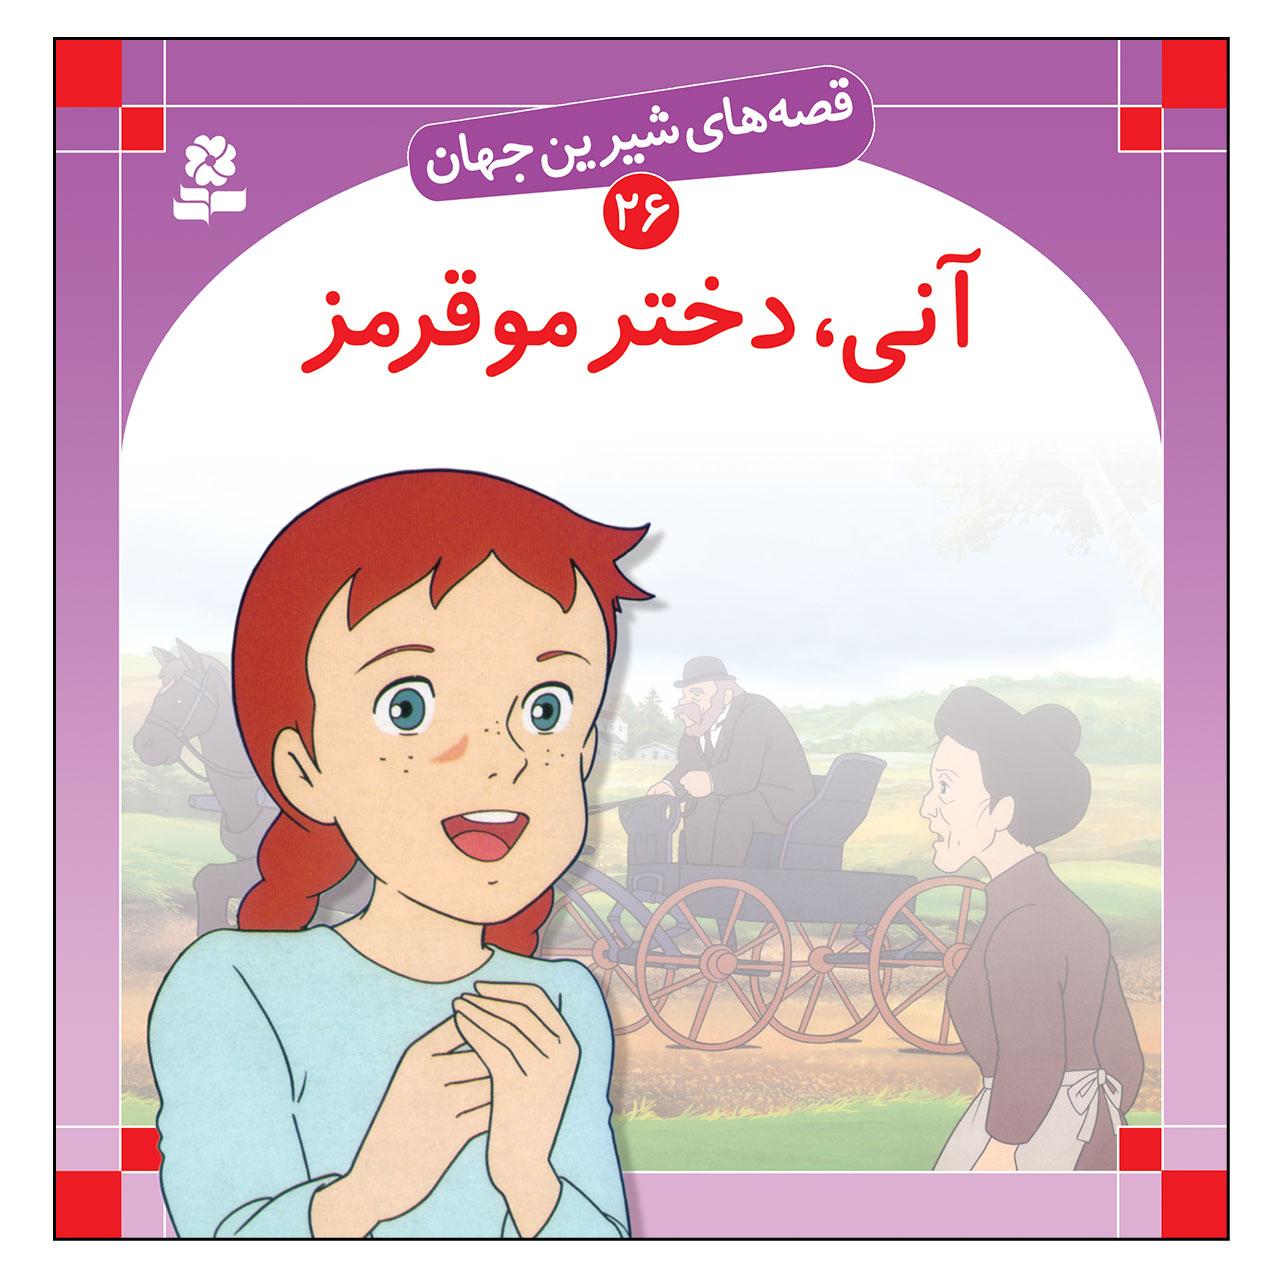 خرید                      کتاب قصه های شیرین جهان 26 آنی دختر مو قرمز اثر لوسی ام مونتگمری انتشارات قدیانی